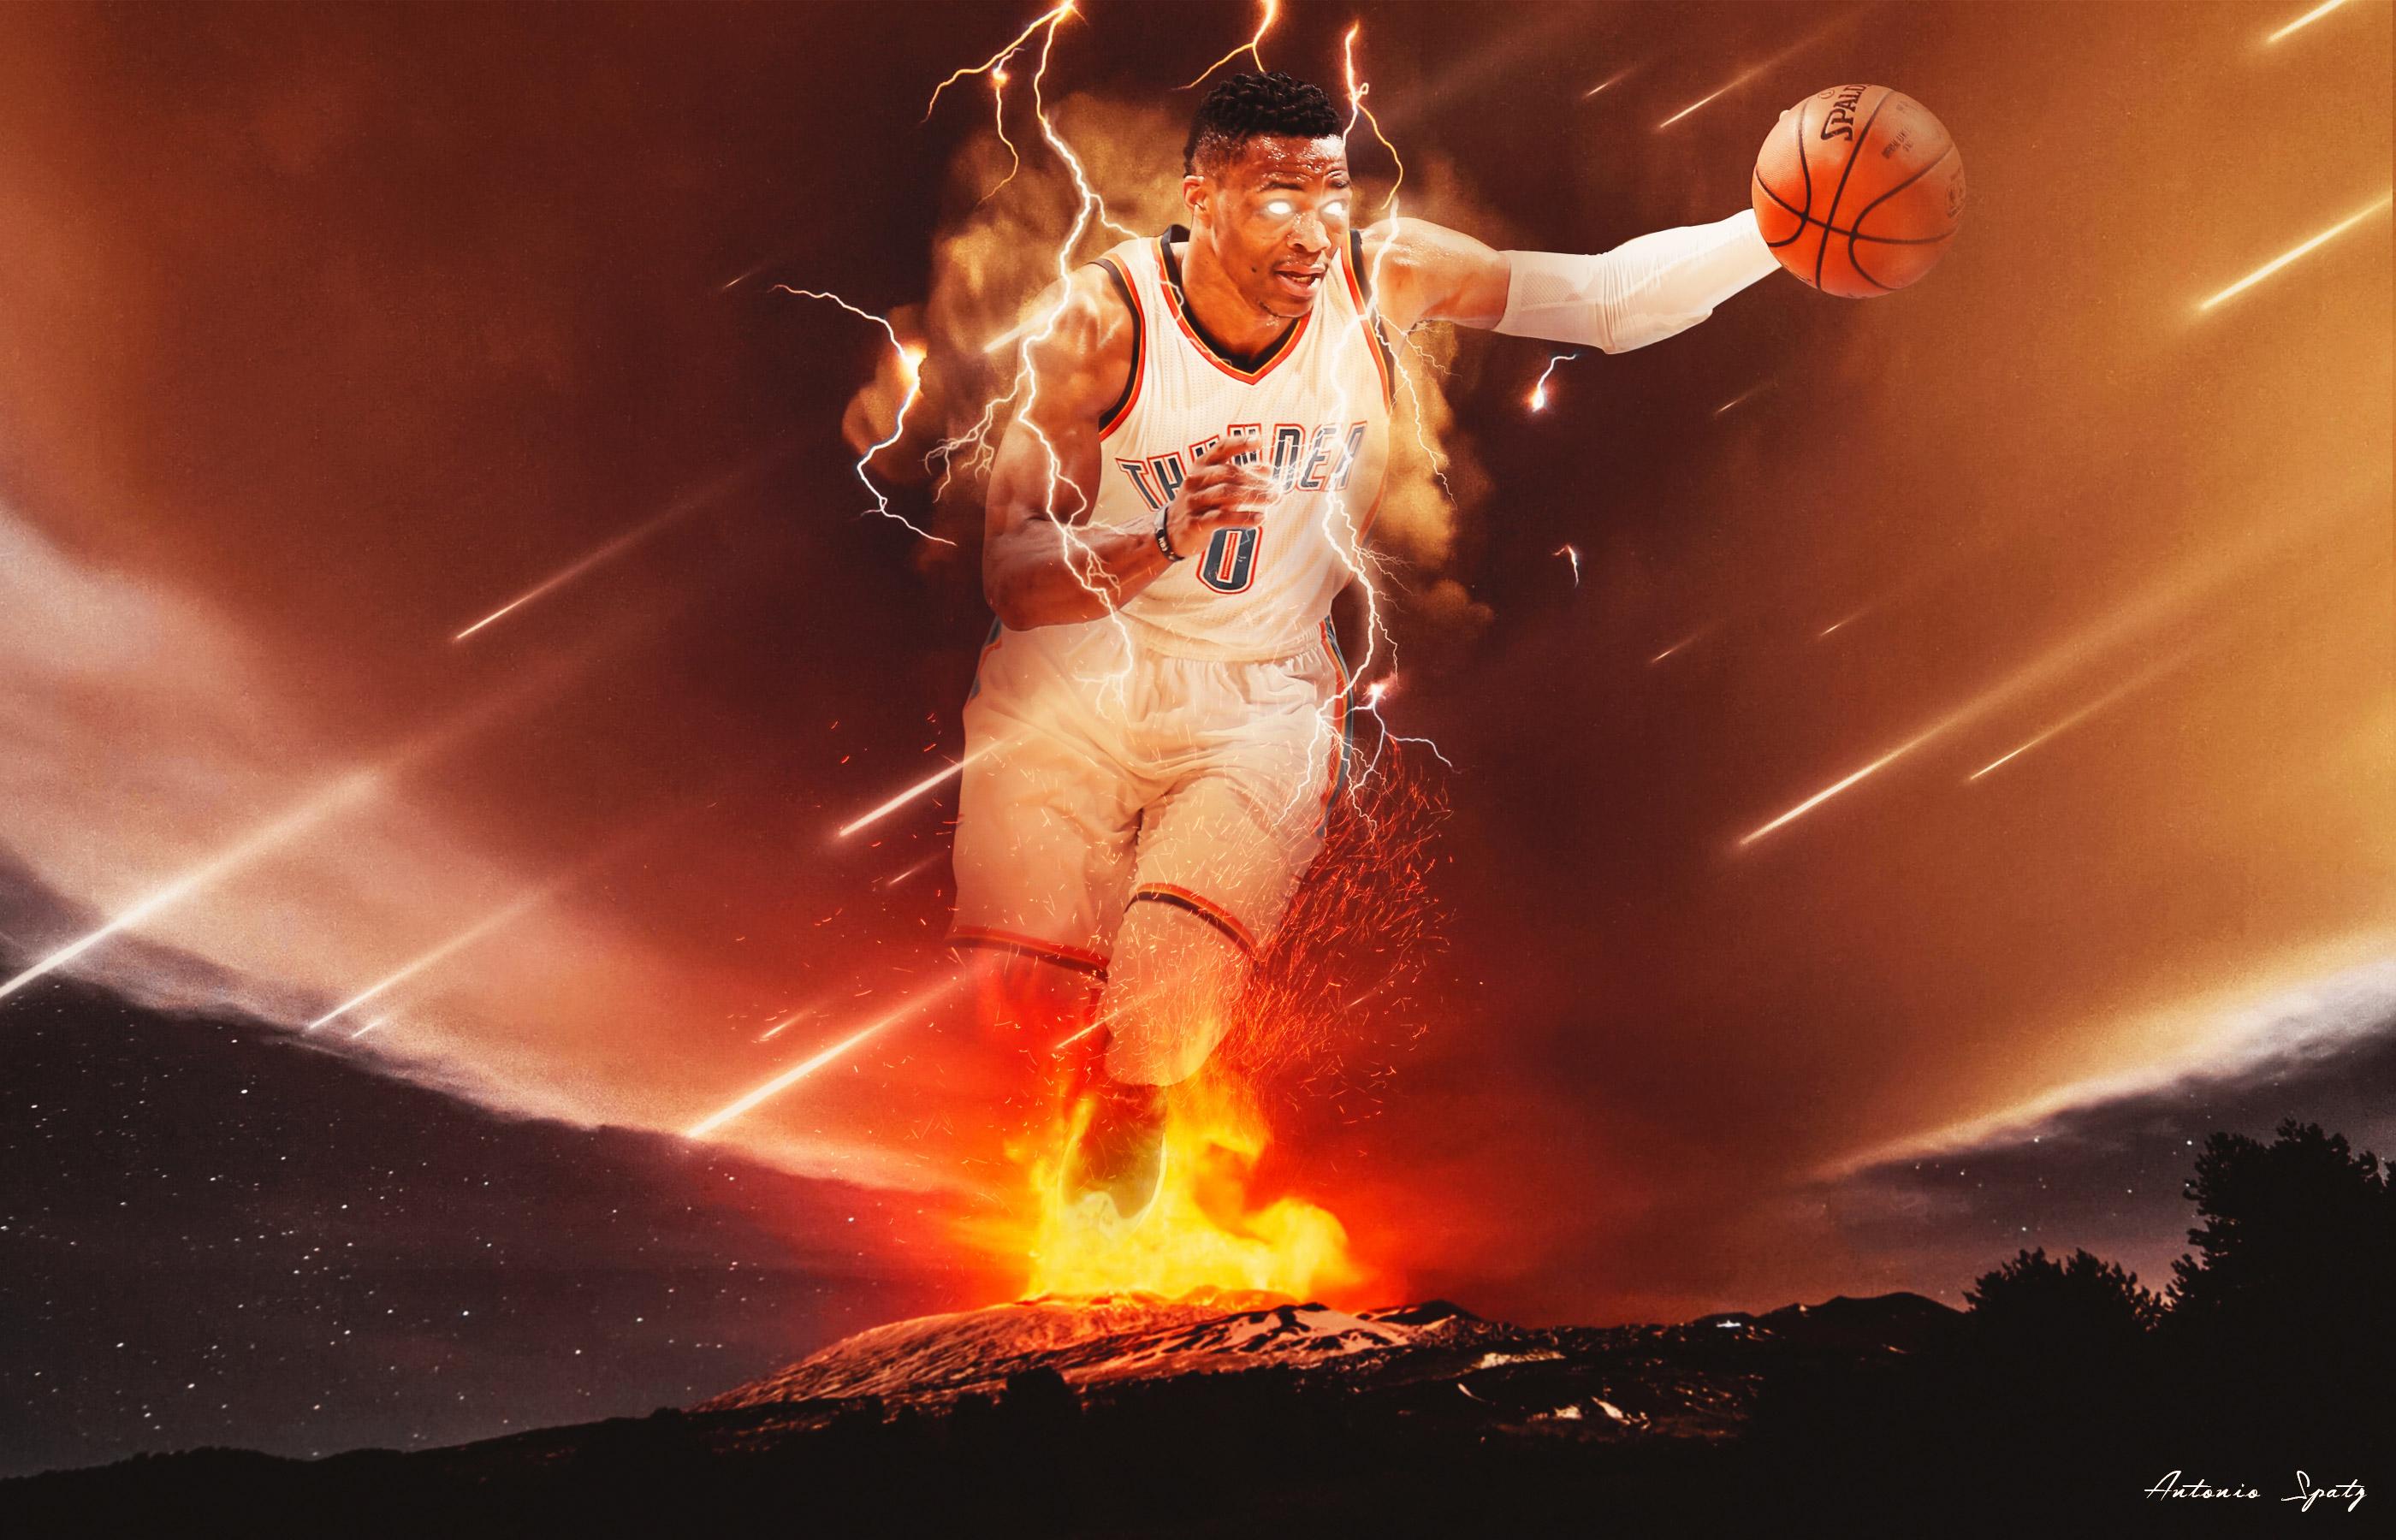 Russell Westbrook 2016 NBA Playoffs Wallpaper Basketball 2800x1800